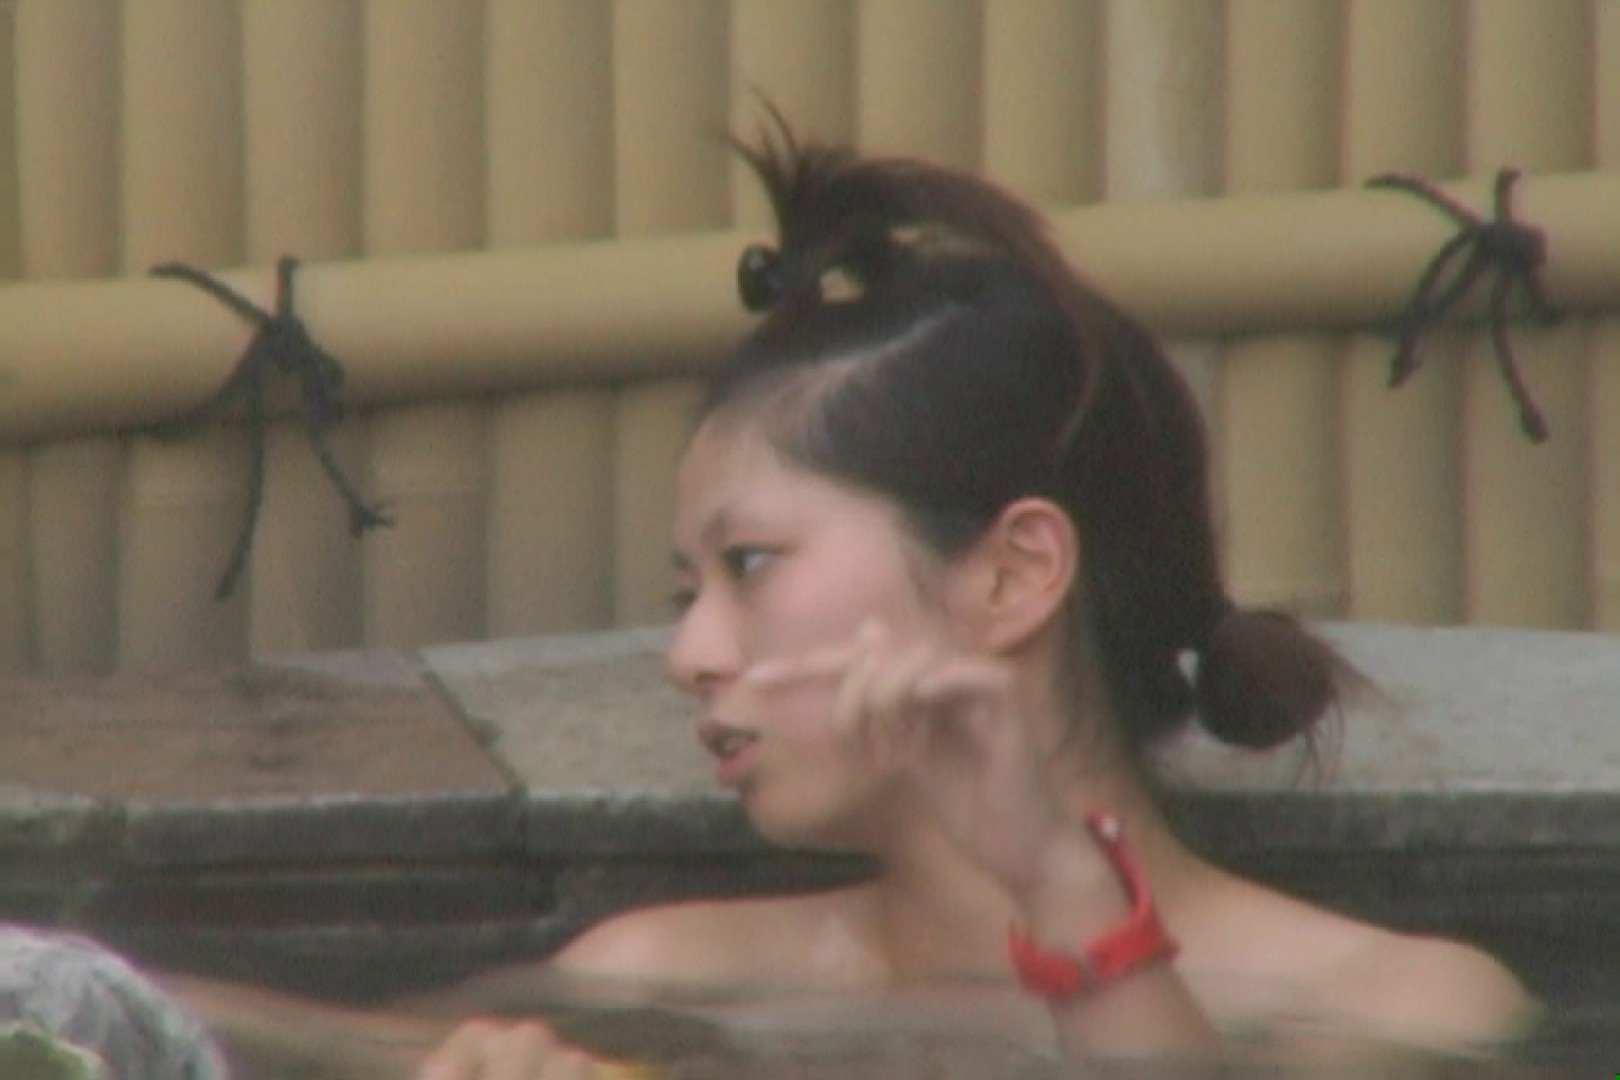 Aquaな露天風呂Vol.610 綺麗なOLたち SEX無修正画像 106枚 62